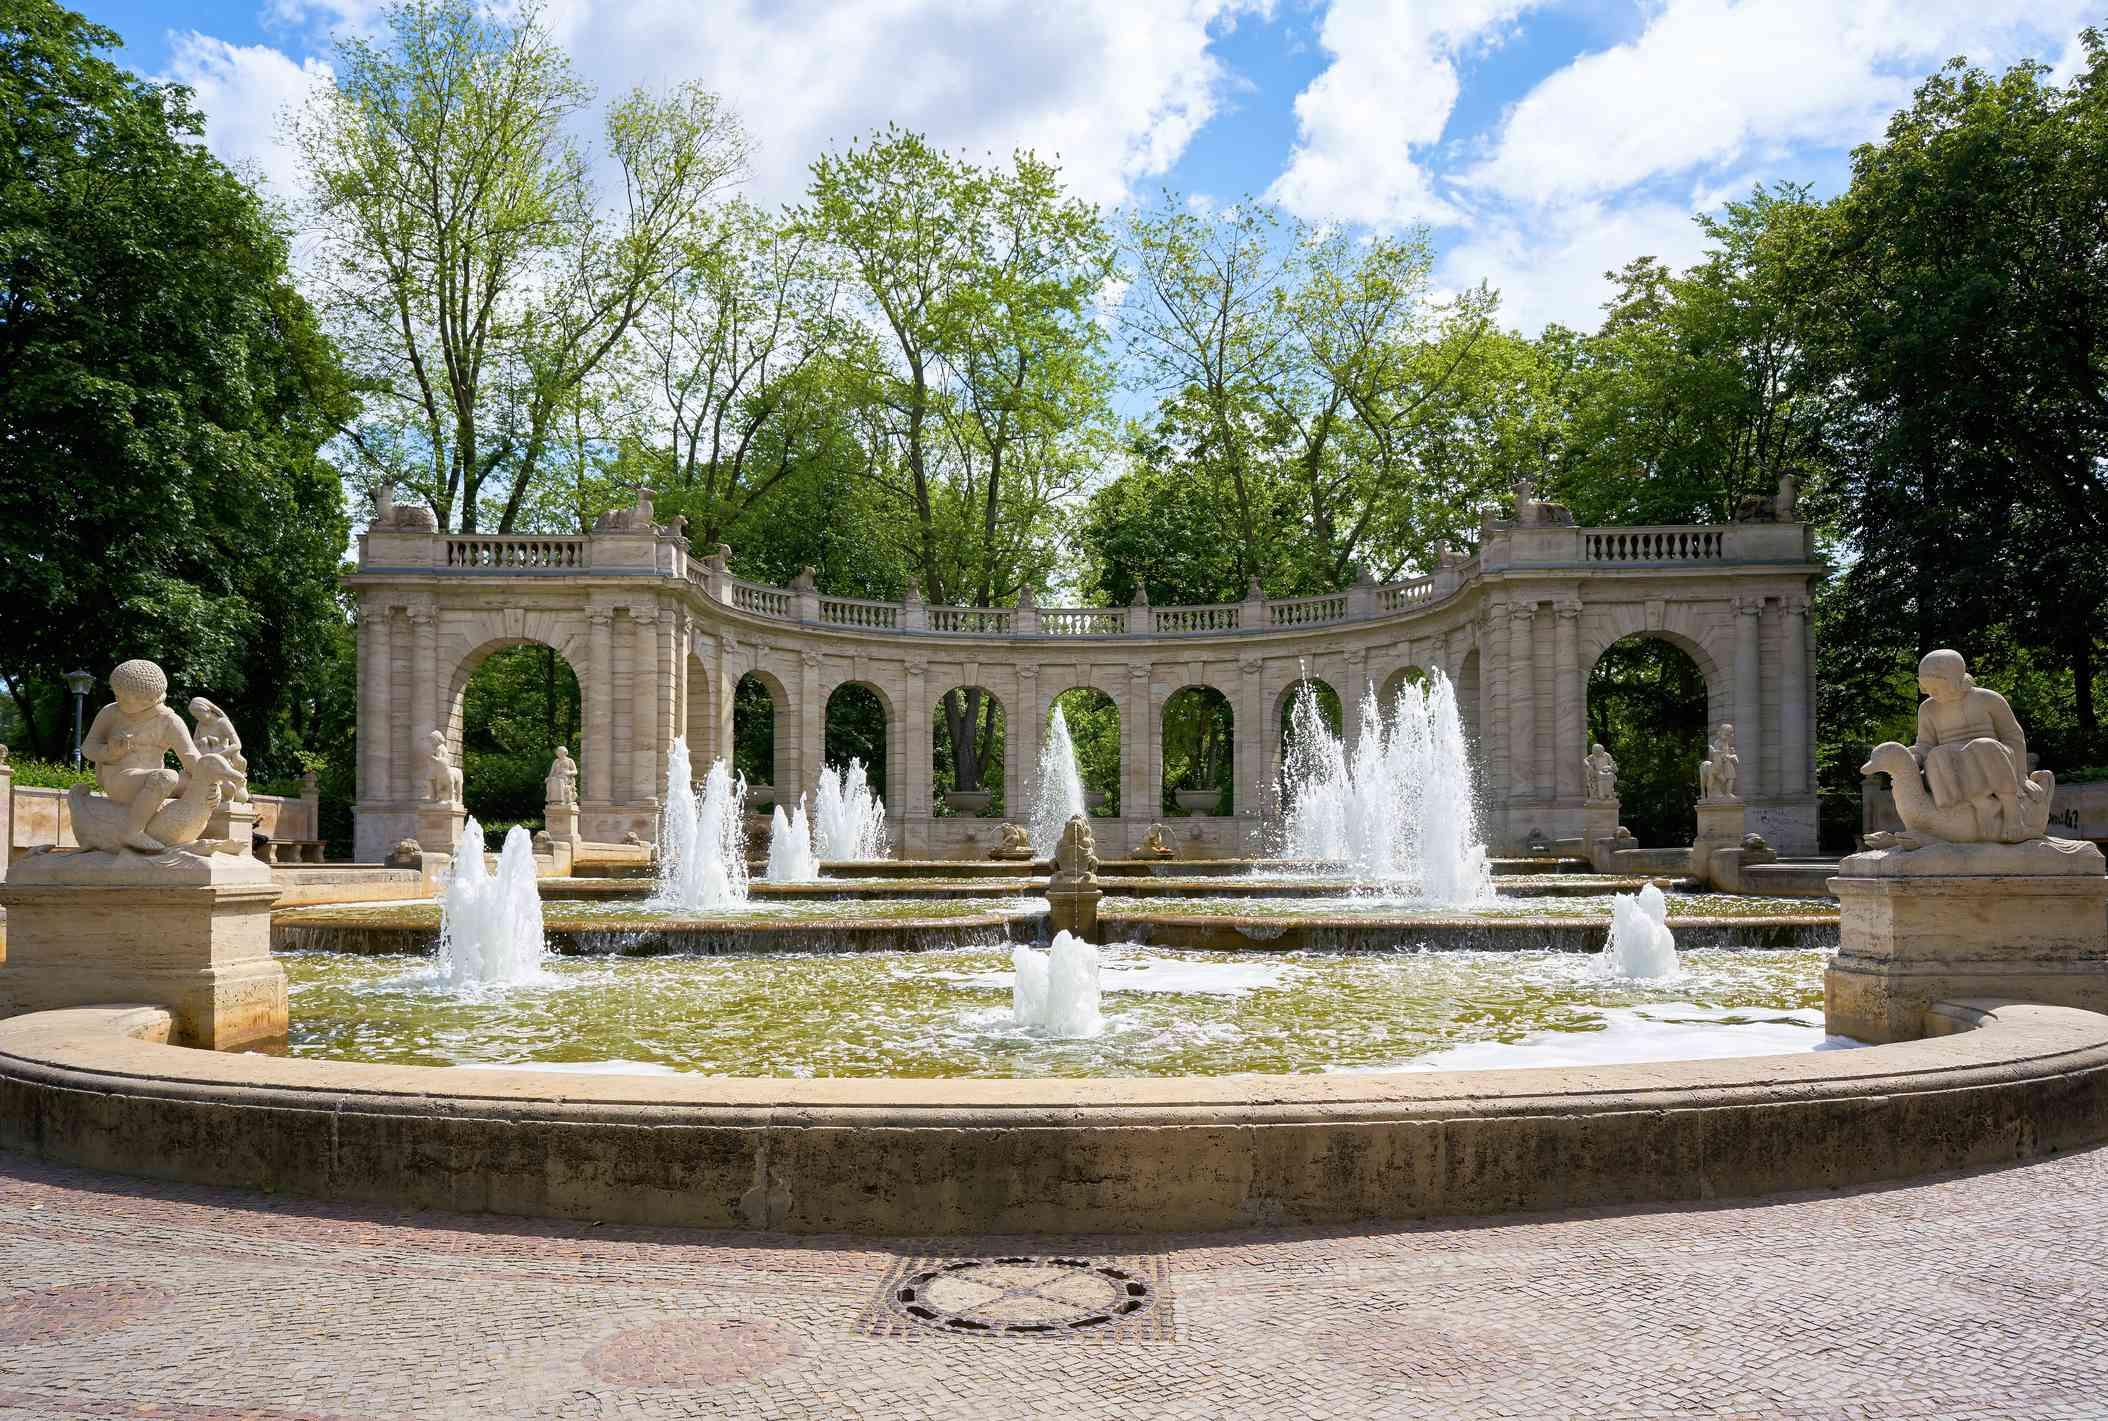 Märchenbrunnen fairytale fountain in the Volkspark Friedrichshain